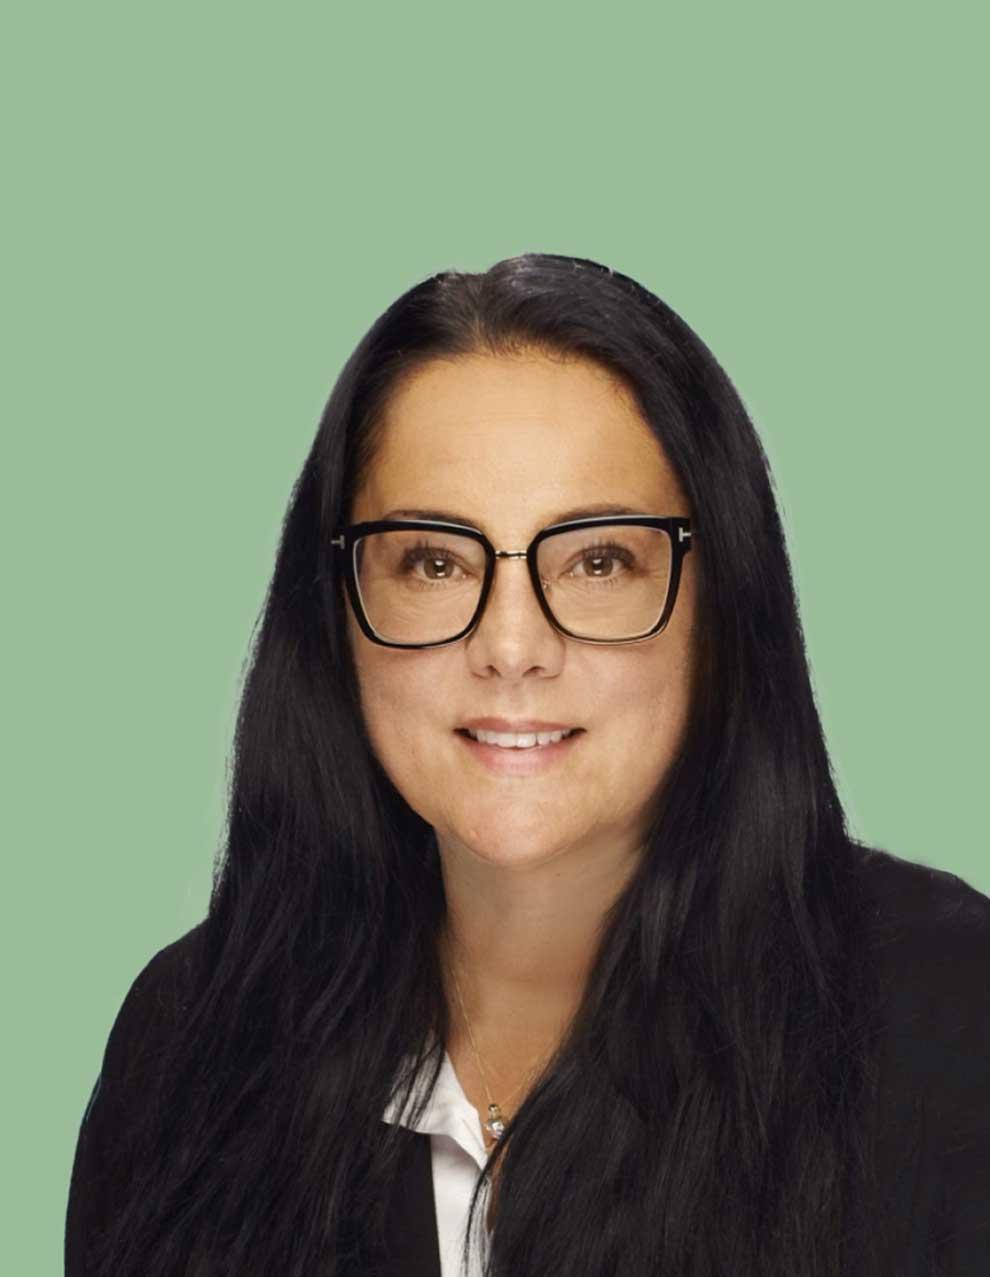 Laura Lauer